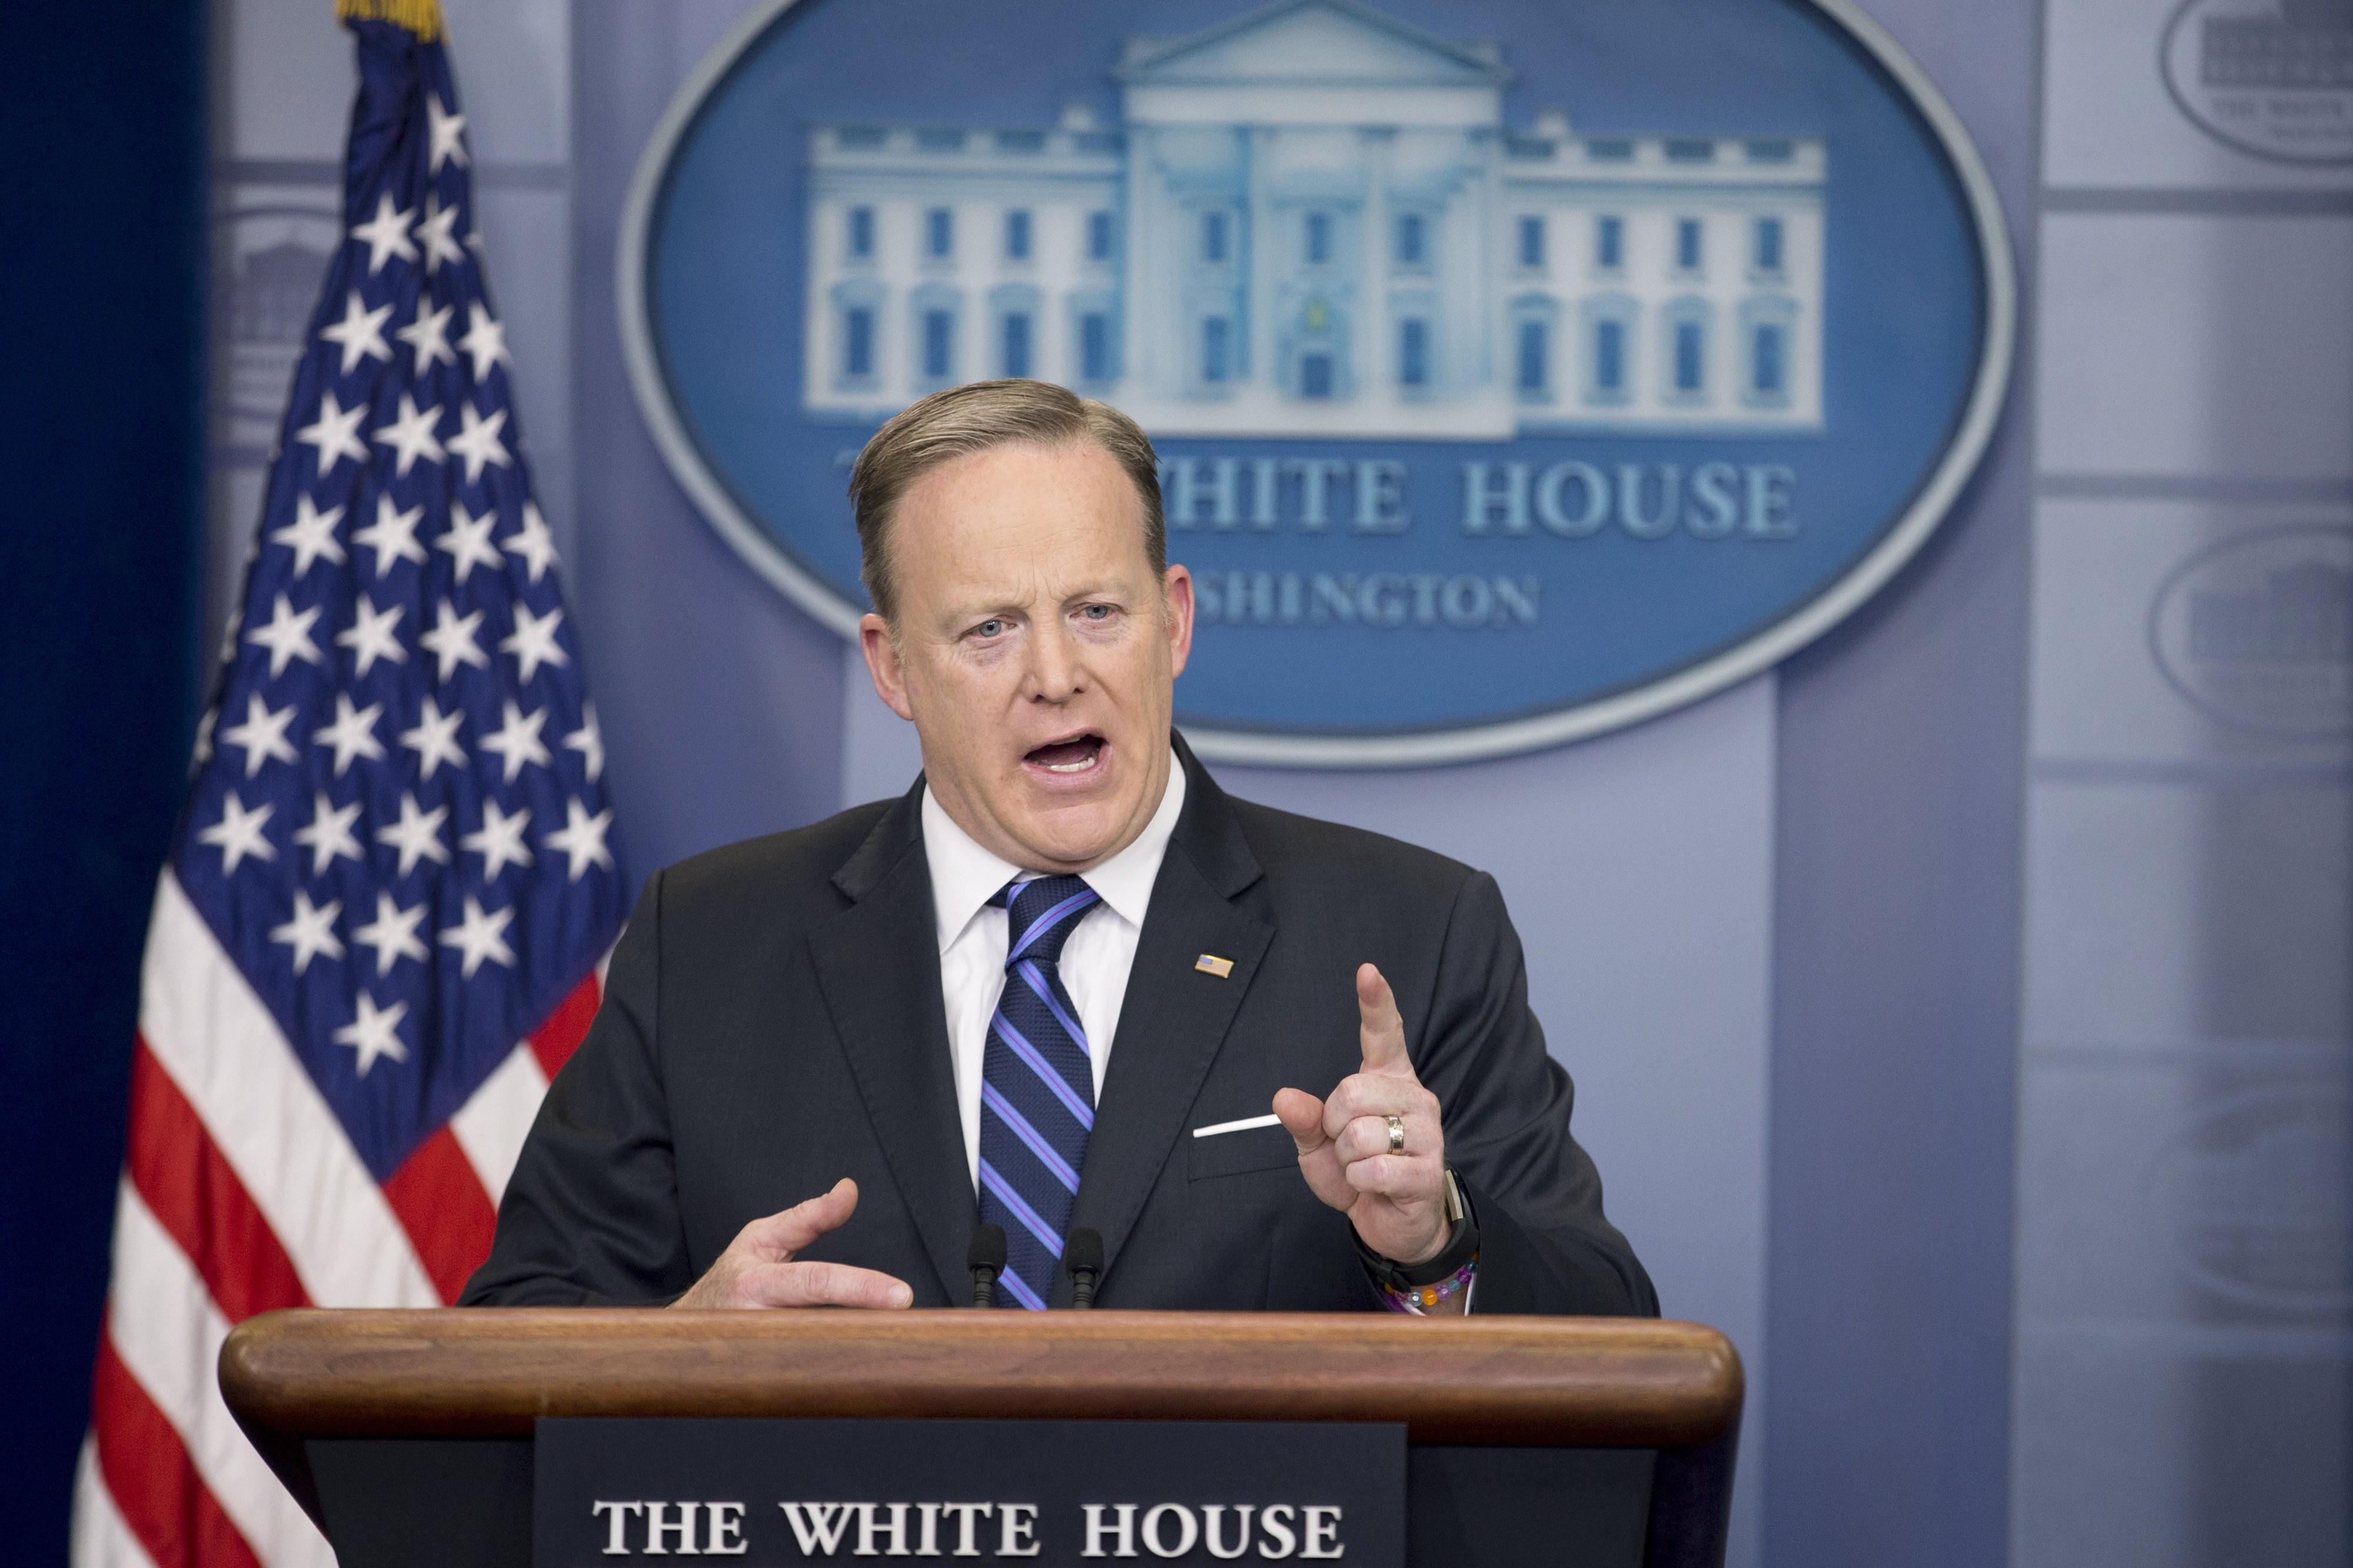 Sean Spicer, porta-voz da administração Trump, demite-se